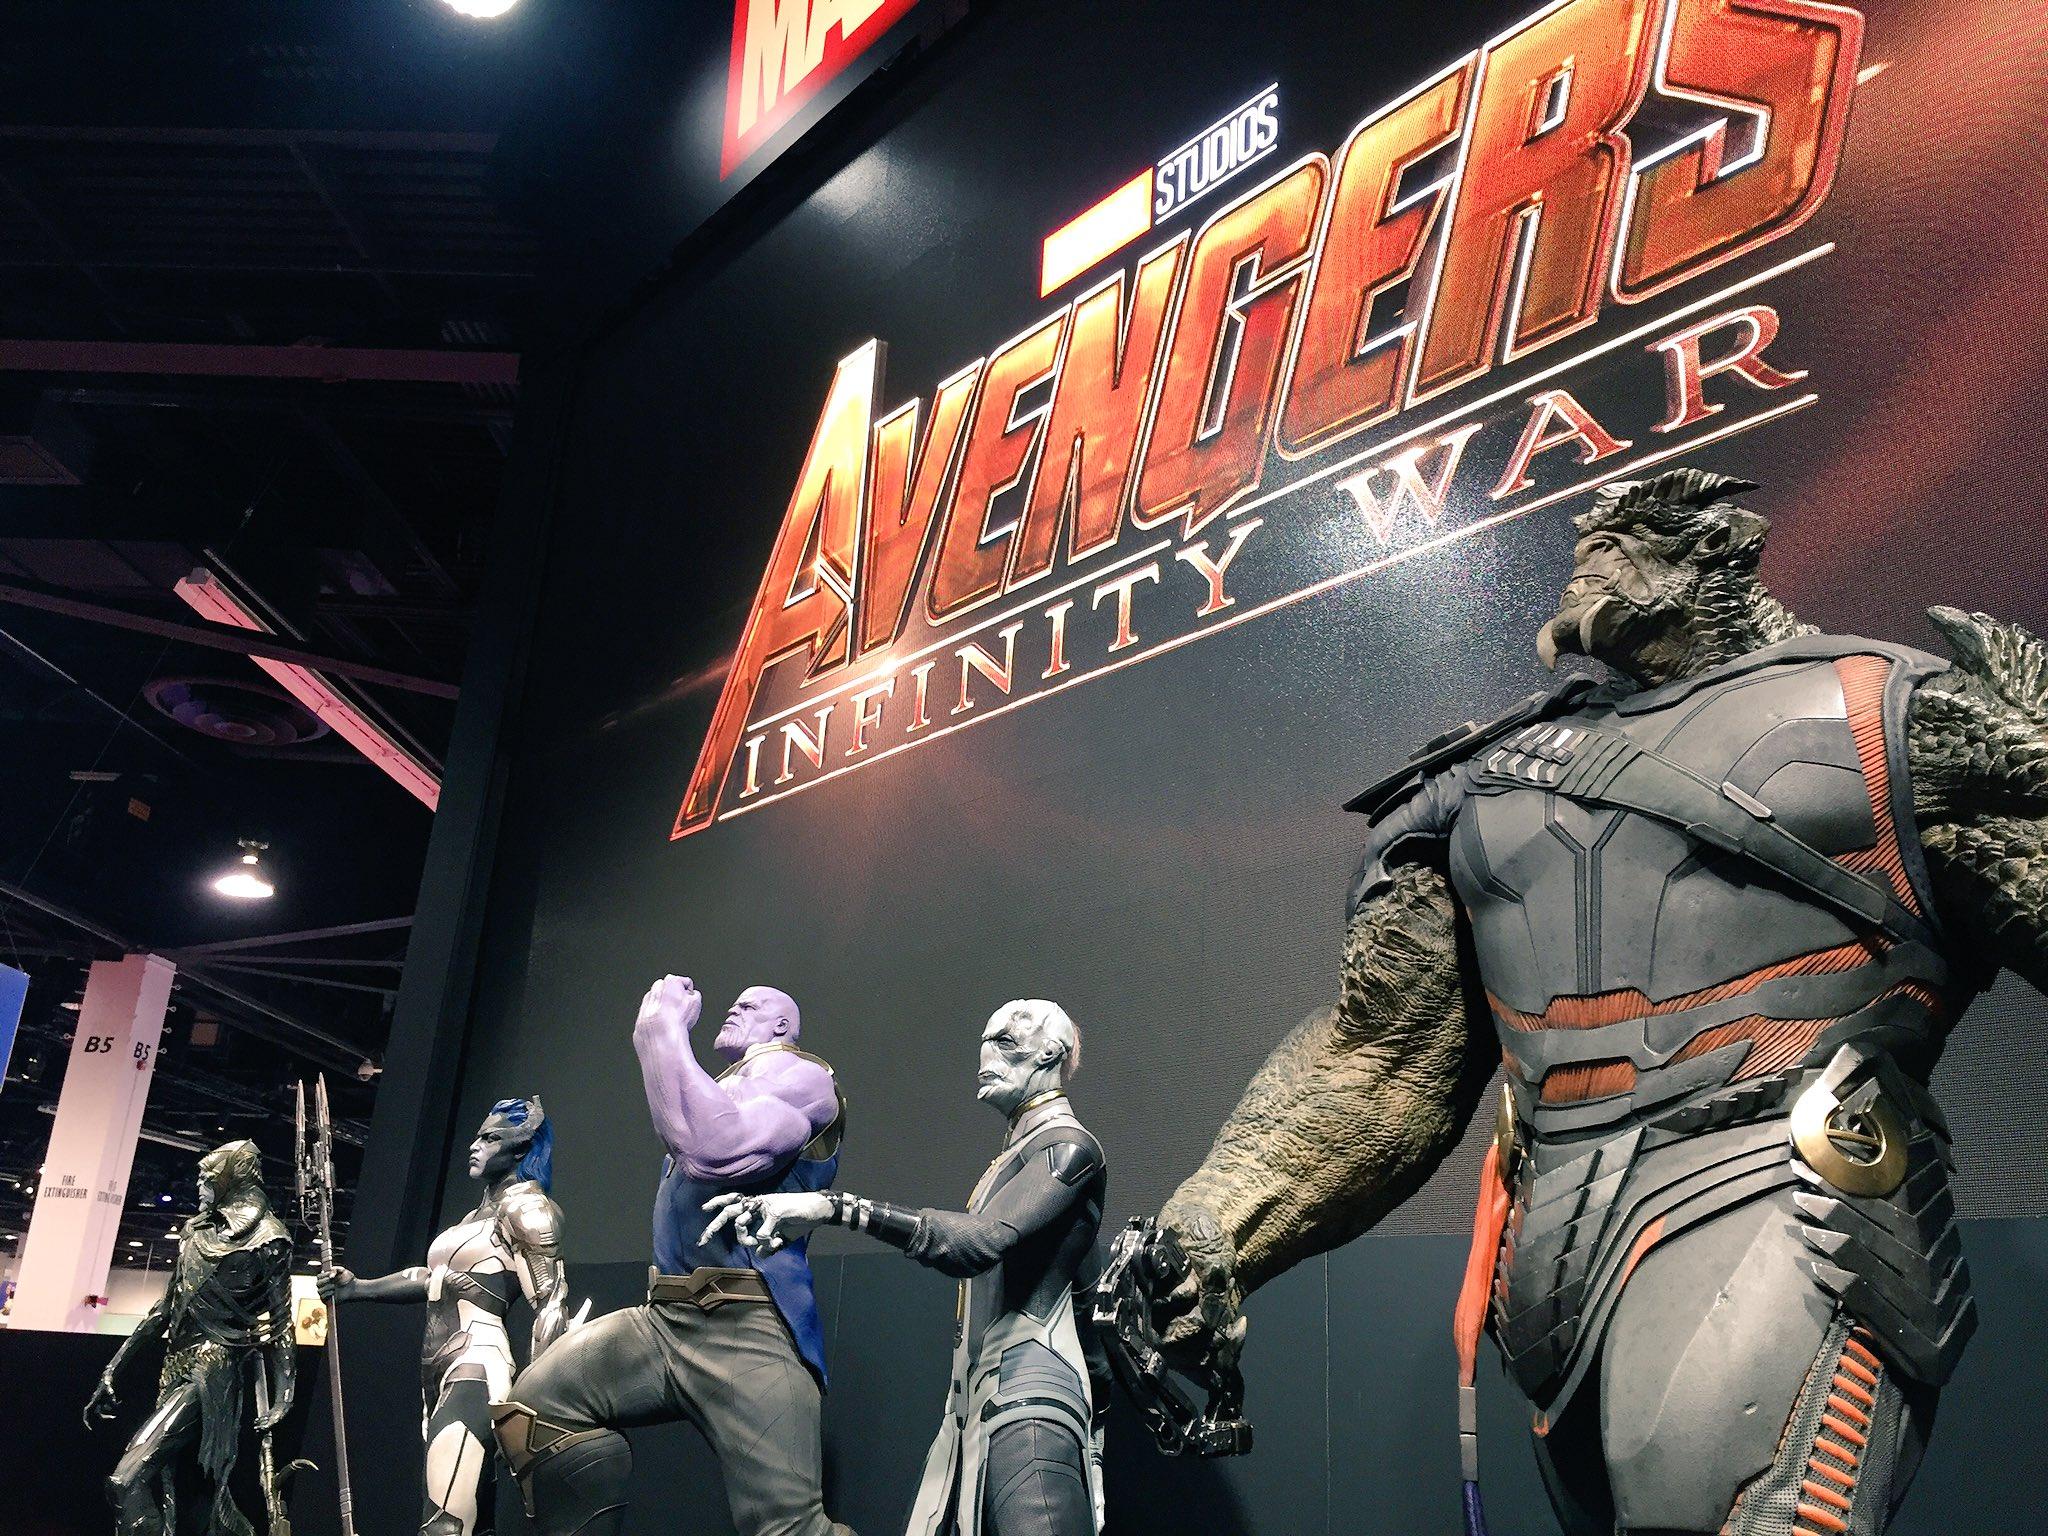 Photo du film Avengers: Infinity War au D23 2017 avec Thanos et les Children of Thanos et le logo